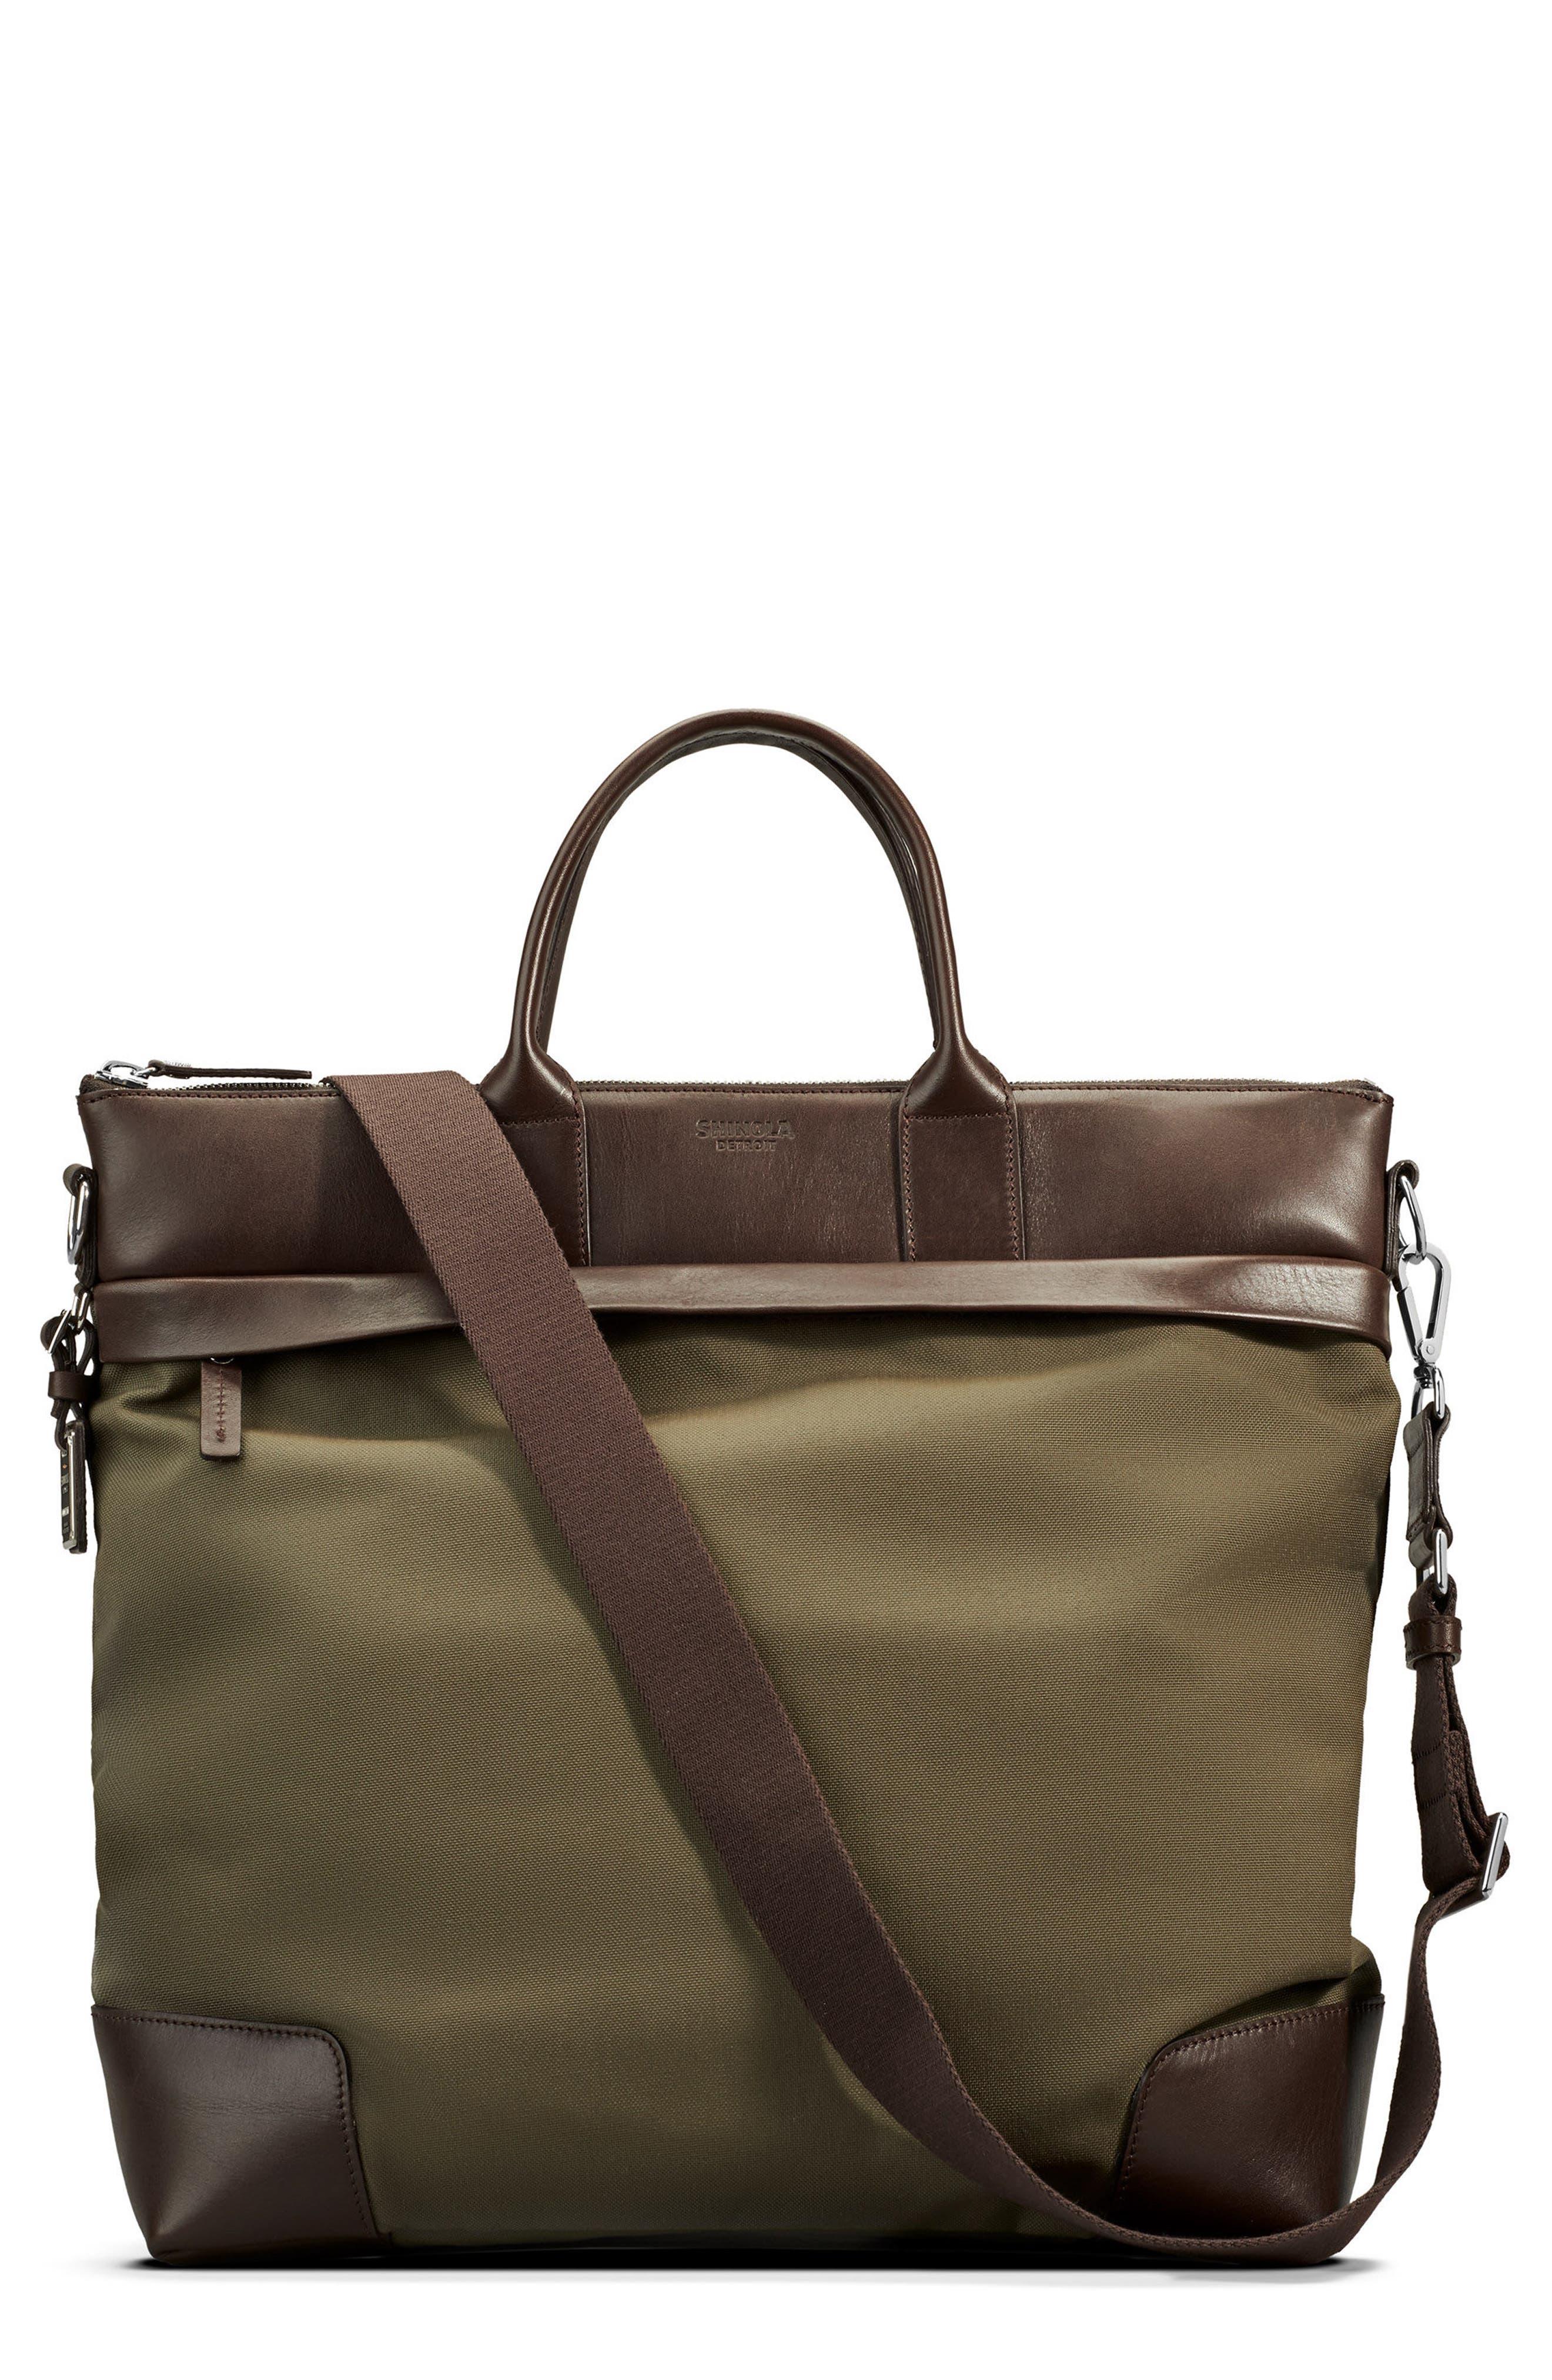 Main Image - Shinola Tote Bag